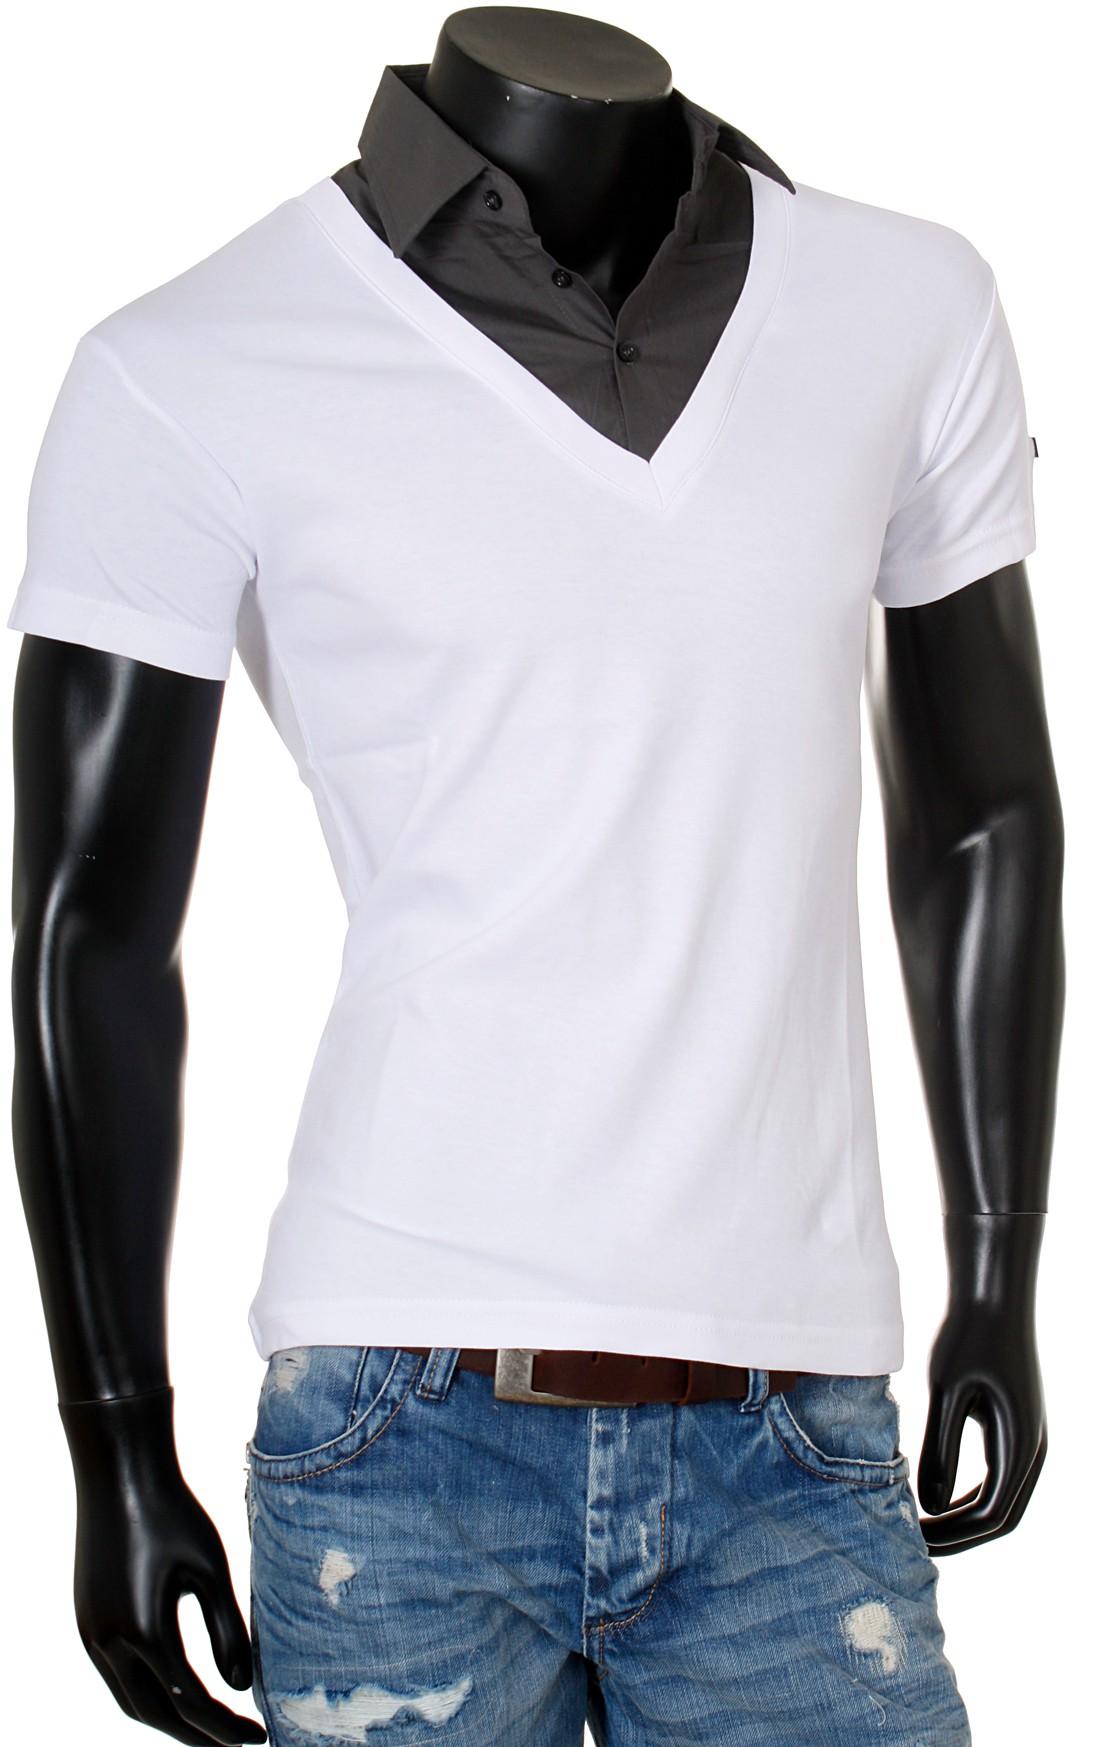 rerock herren 2in1 t shirt hemd kragen shirt kurzarm mit tiefem v ausschnitt einfarbig slimfit. Black Bedroom Furniture Sets. Home Design Ideas